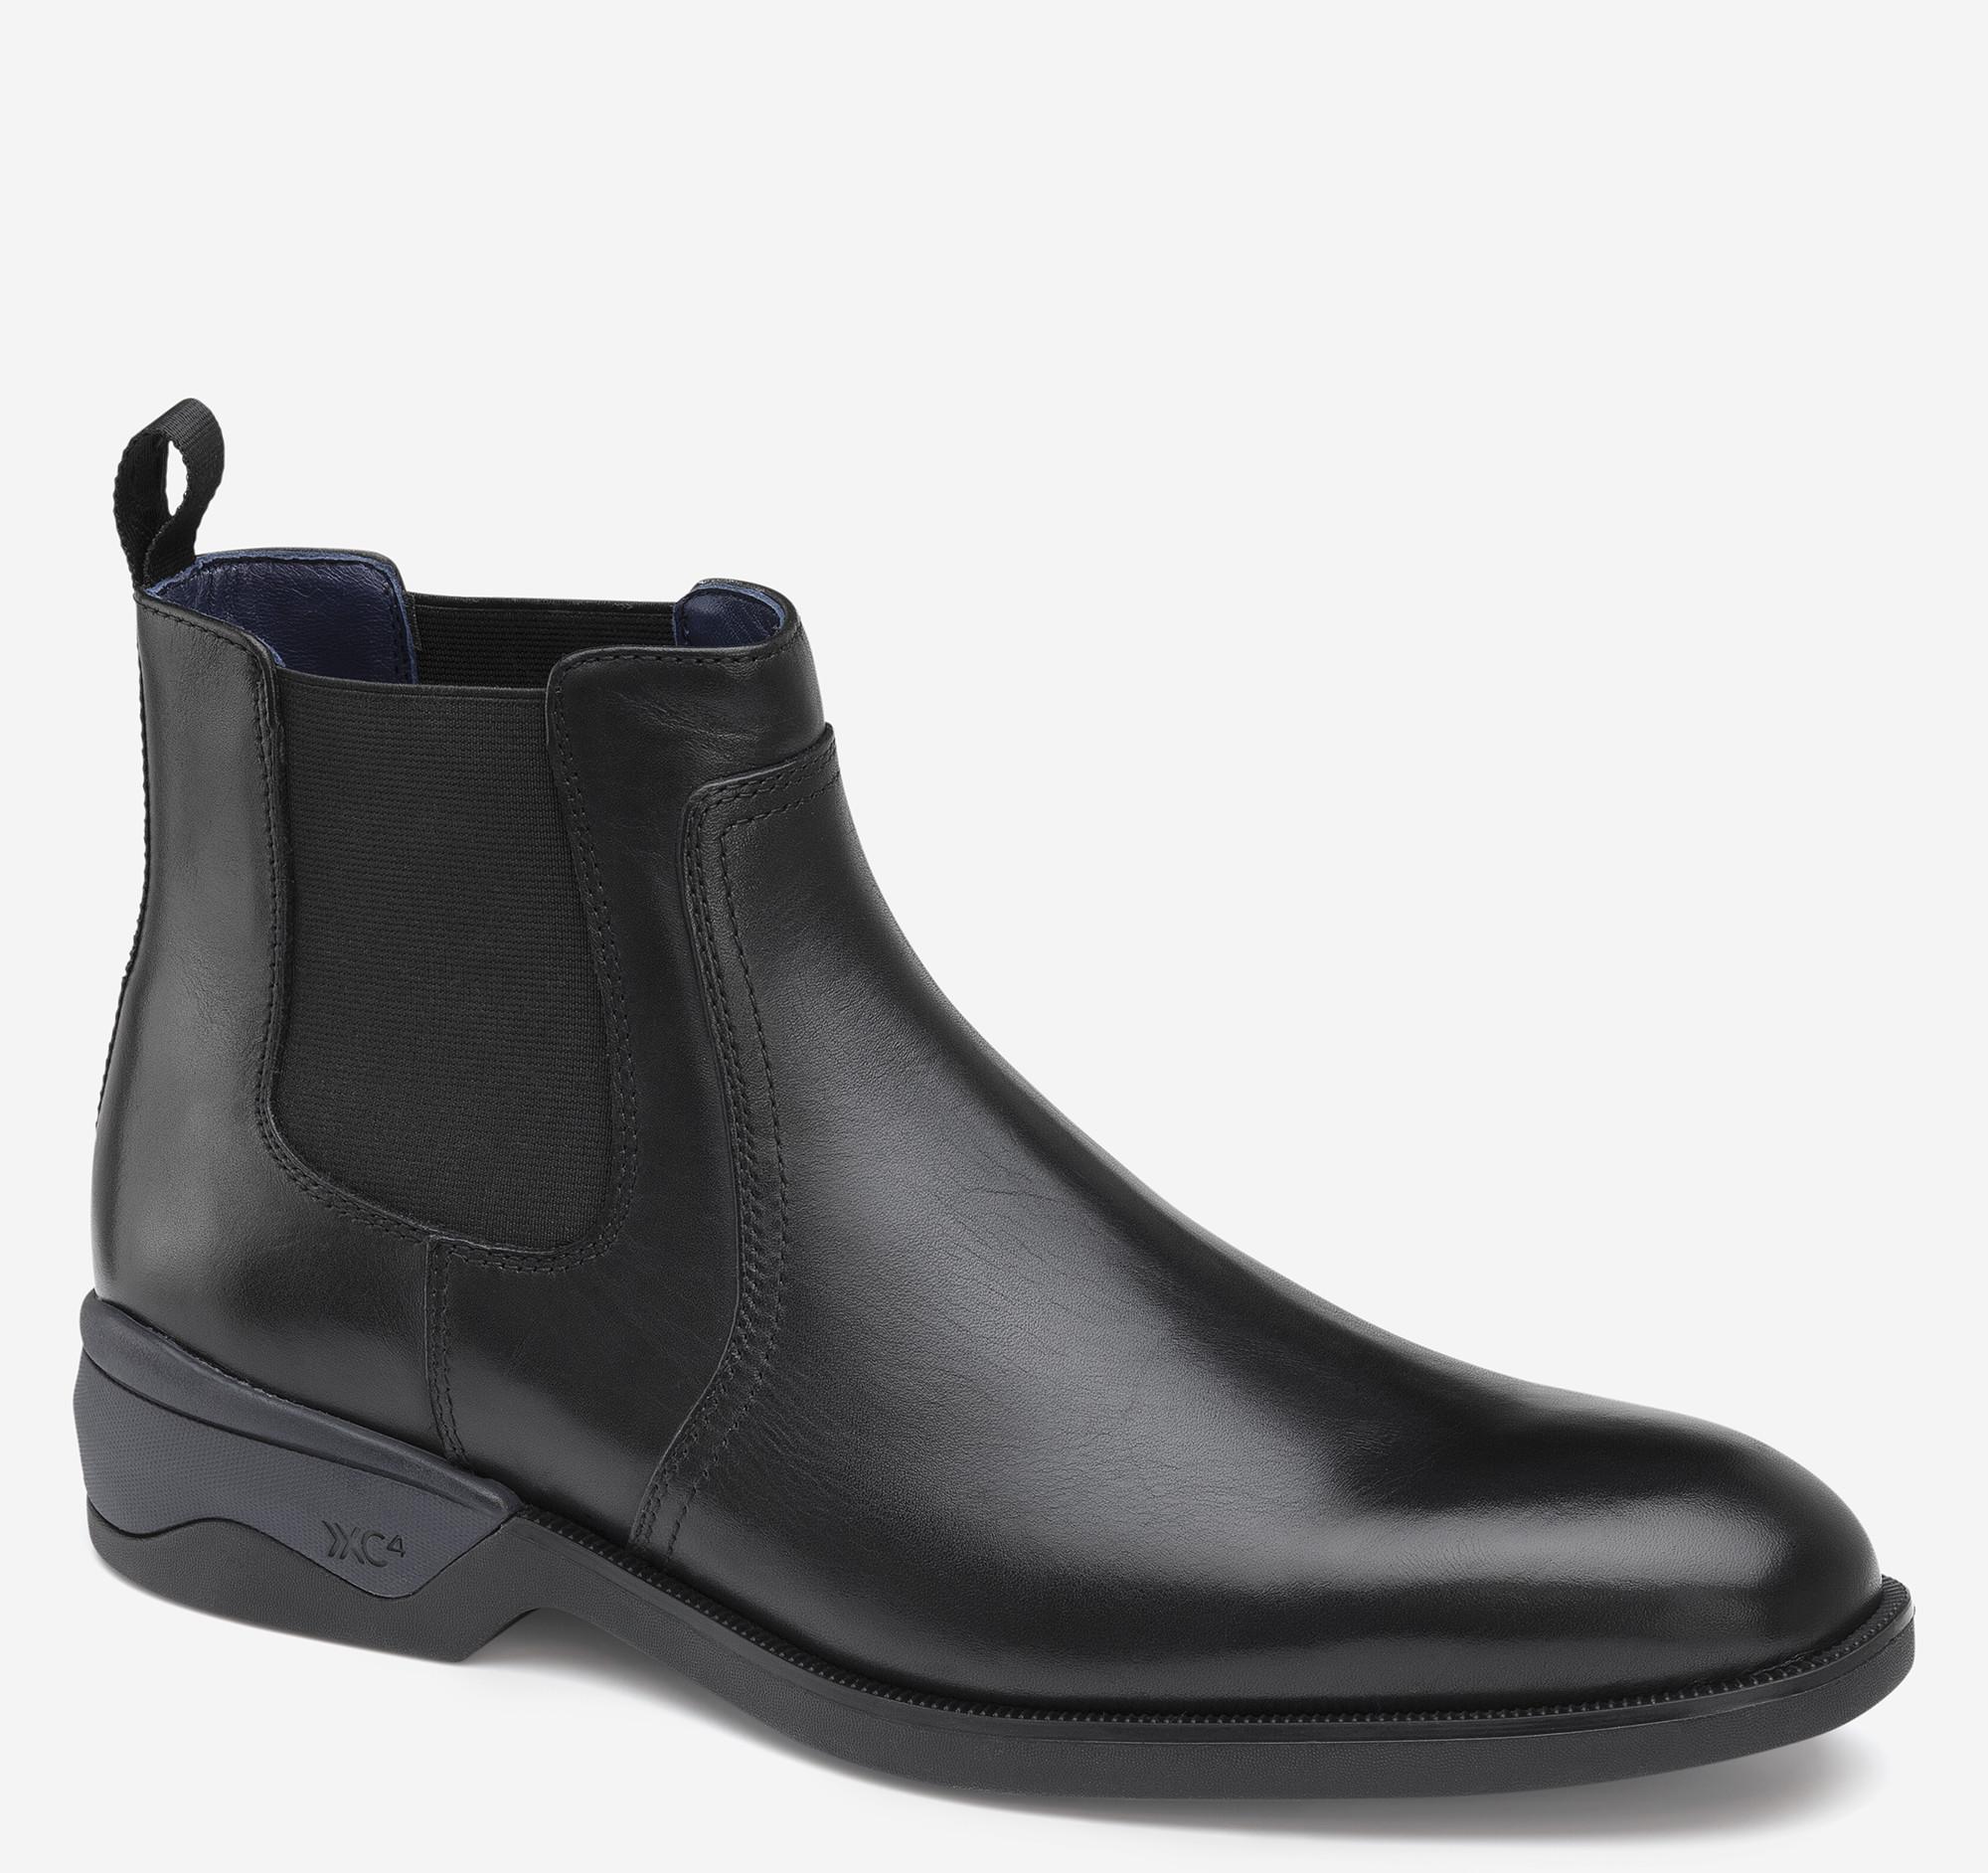 Johnston & Murphy XC4 Elkins Chelsea Boot